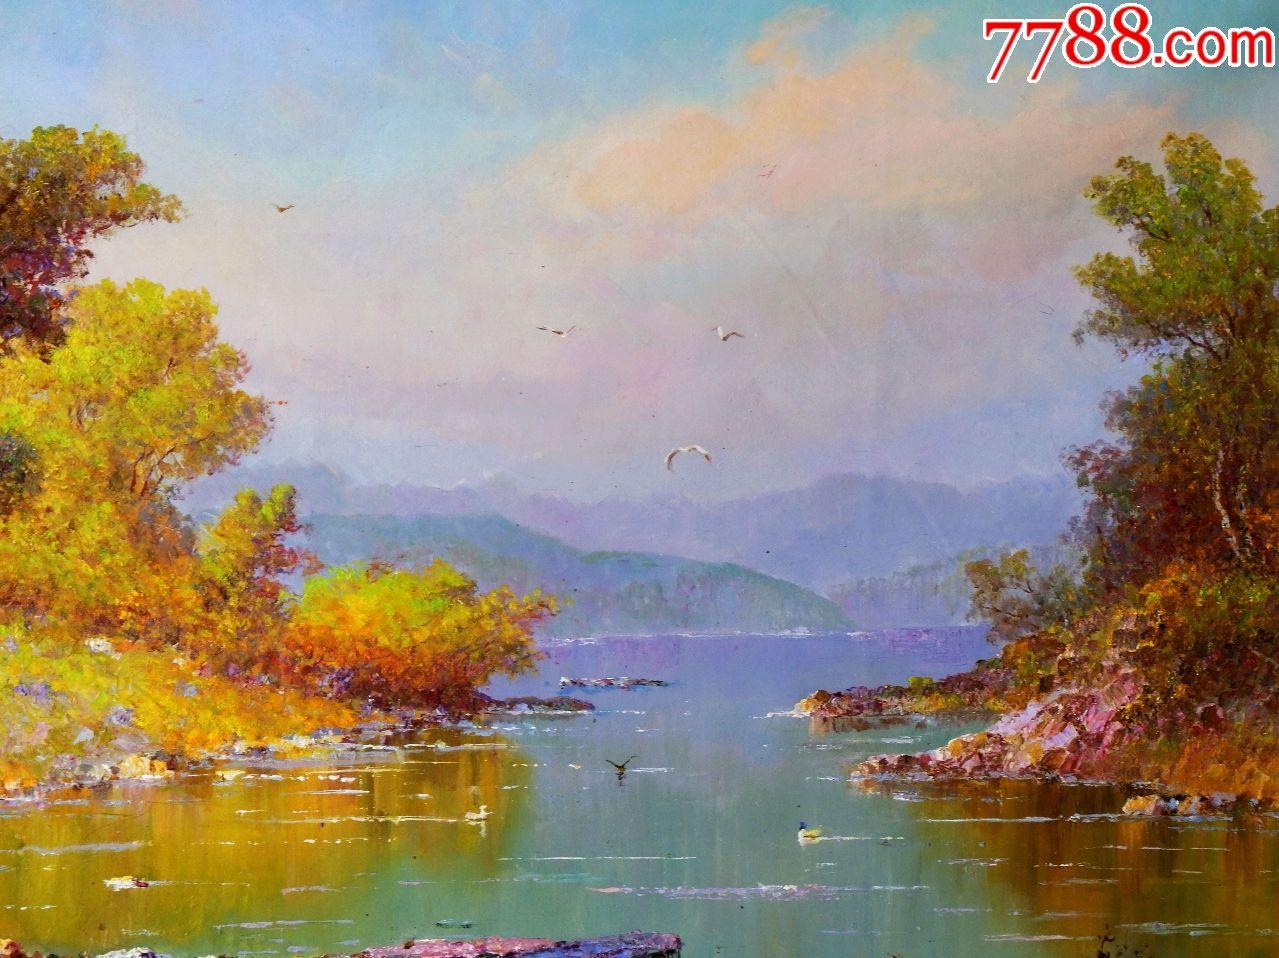 朝鲜油画朝鲜风景画朝鲜人民艺术家金正中图片